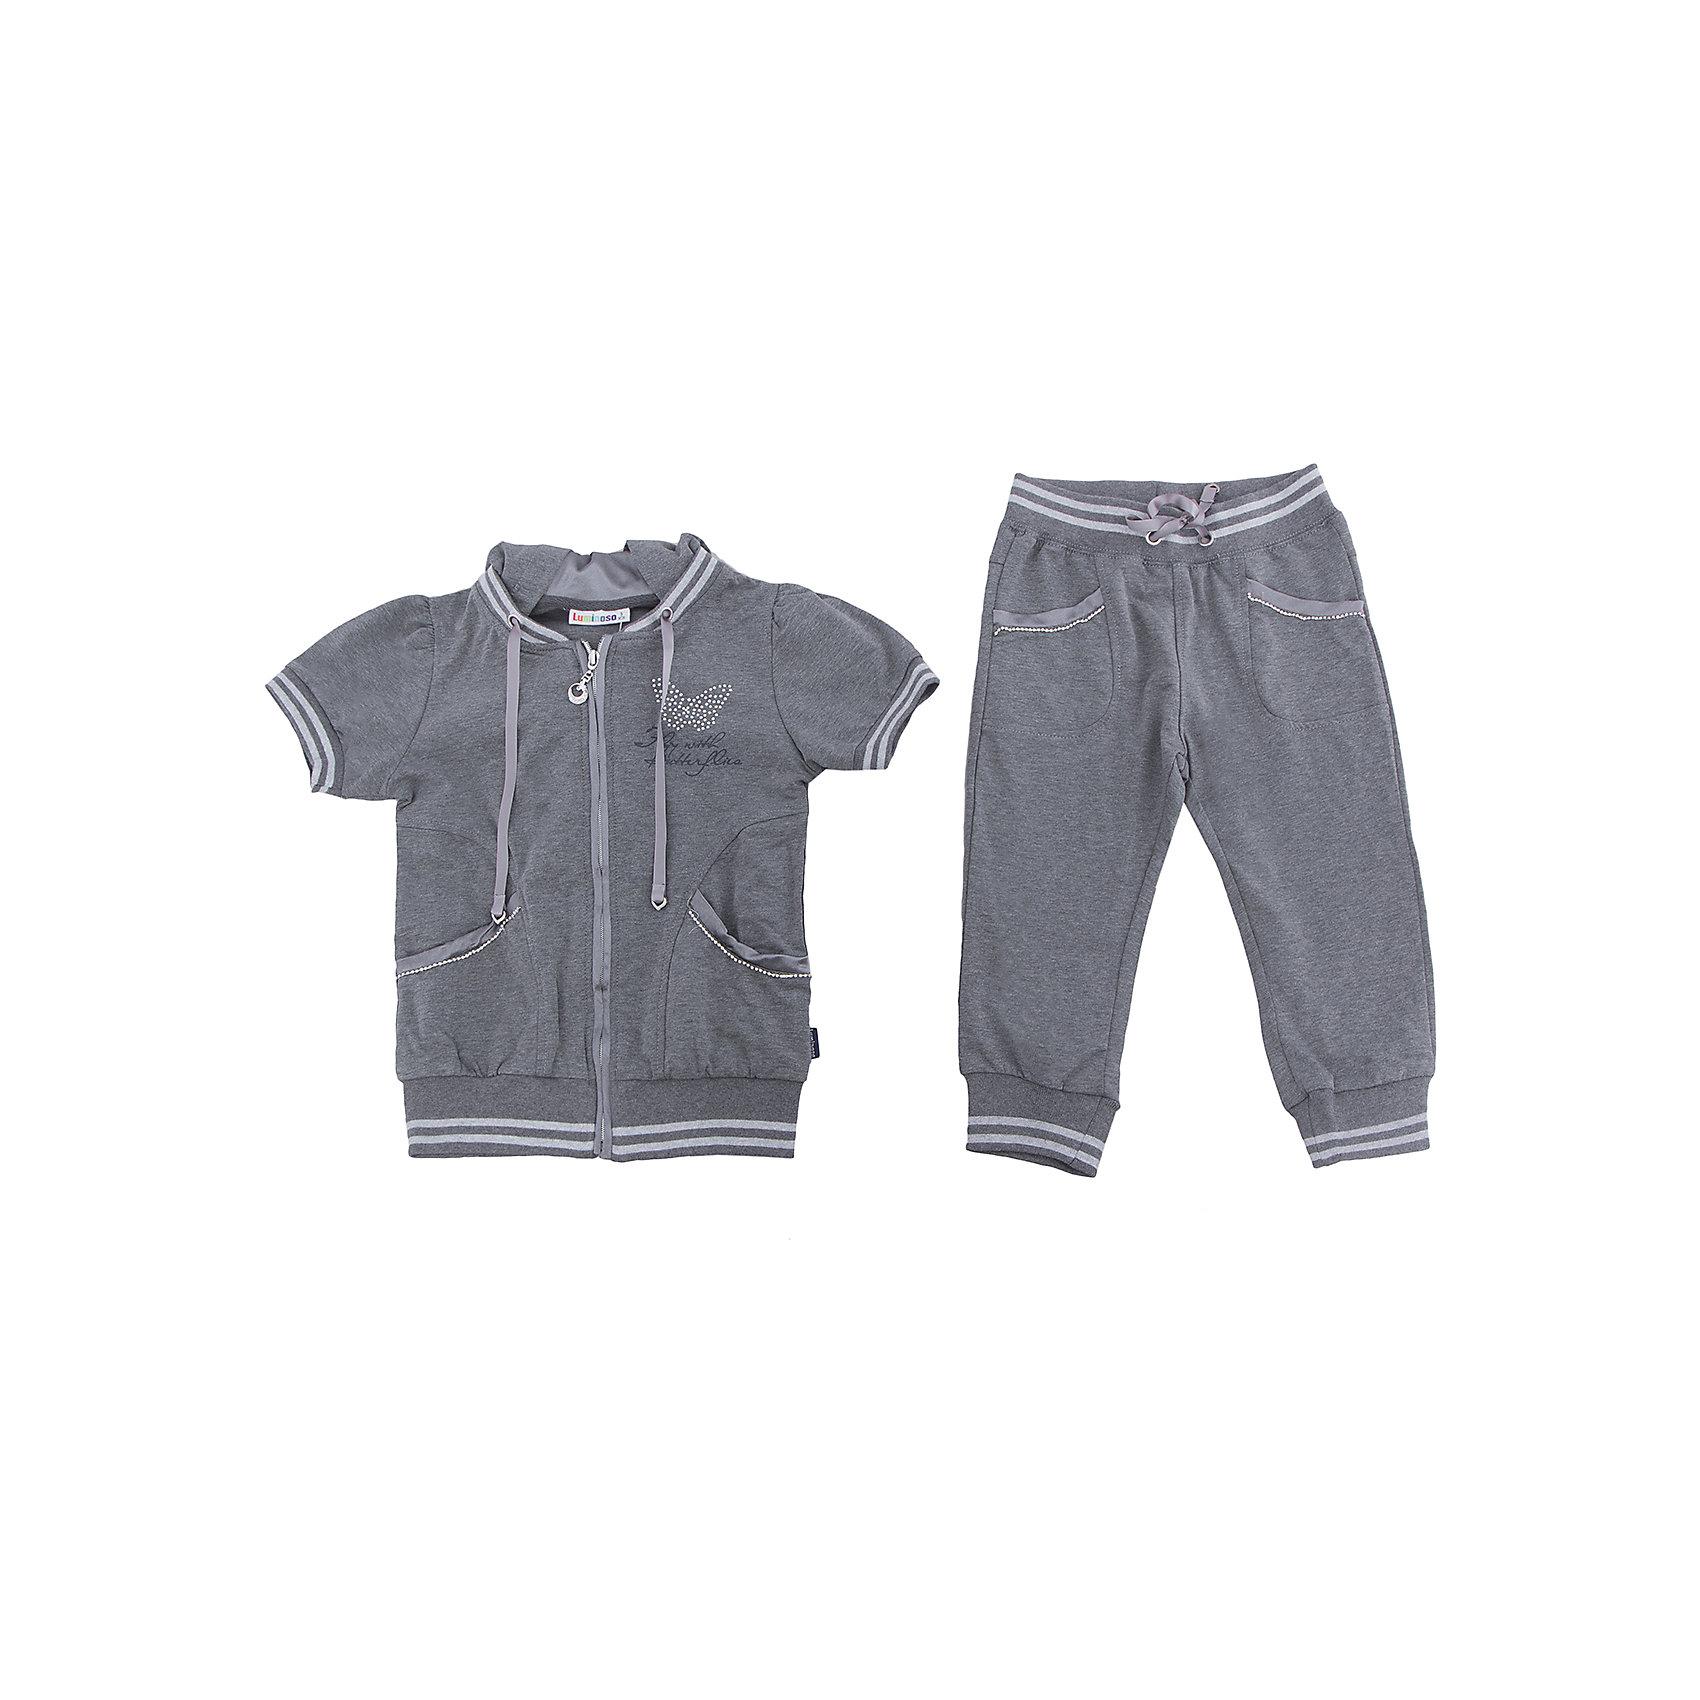 Спортивный костюм для девочки LuminosoКомплекты<br>Костюм для девочки из мягкого трикотажа. Куртка застегивается на молнию. Спинка декорирована аппликацией из бархата. Брюки укороченного кроя с зауженным низом собранные на мягкую резинку. Пояс-резинка дополнен шнуром для регулирования объема.<br>Состав:<br>95%хлопок 5%эластан<br><br>Ширина мм: 247<br>Глубина мм: 16<br>Высота мм: 140<br>Вес г: 225<br>Цвет: серый<br>Возраст от месяцев: 96<br>Возраст до месяцев: 108<br>Пол: Женский<br>Возраст: Детский<br>Размер: 134,140,146,152,158,164<br>SKU: 5413059